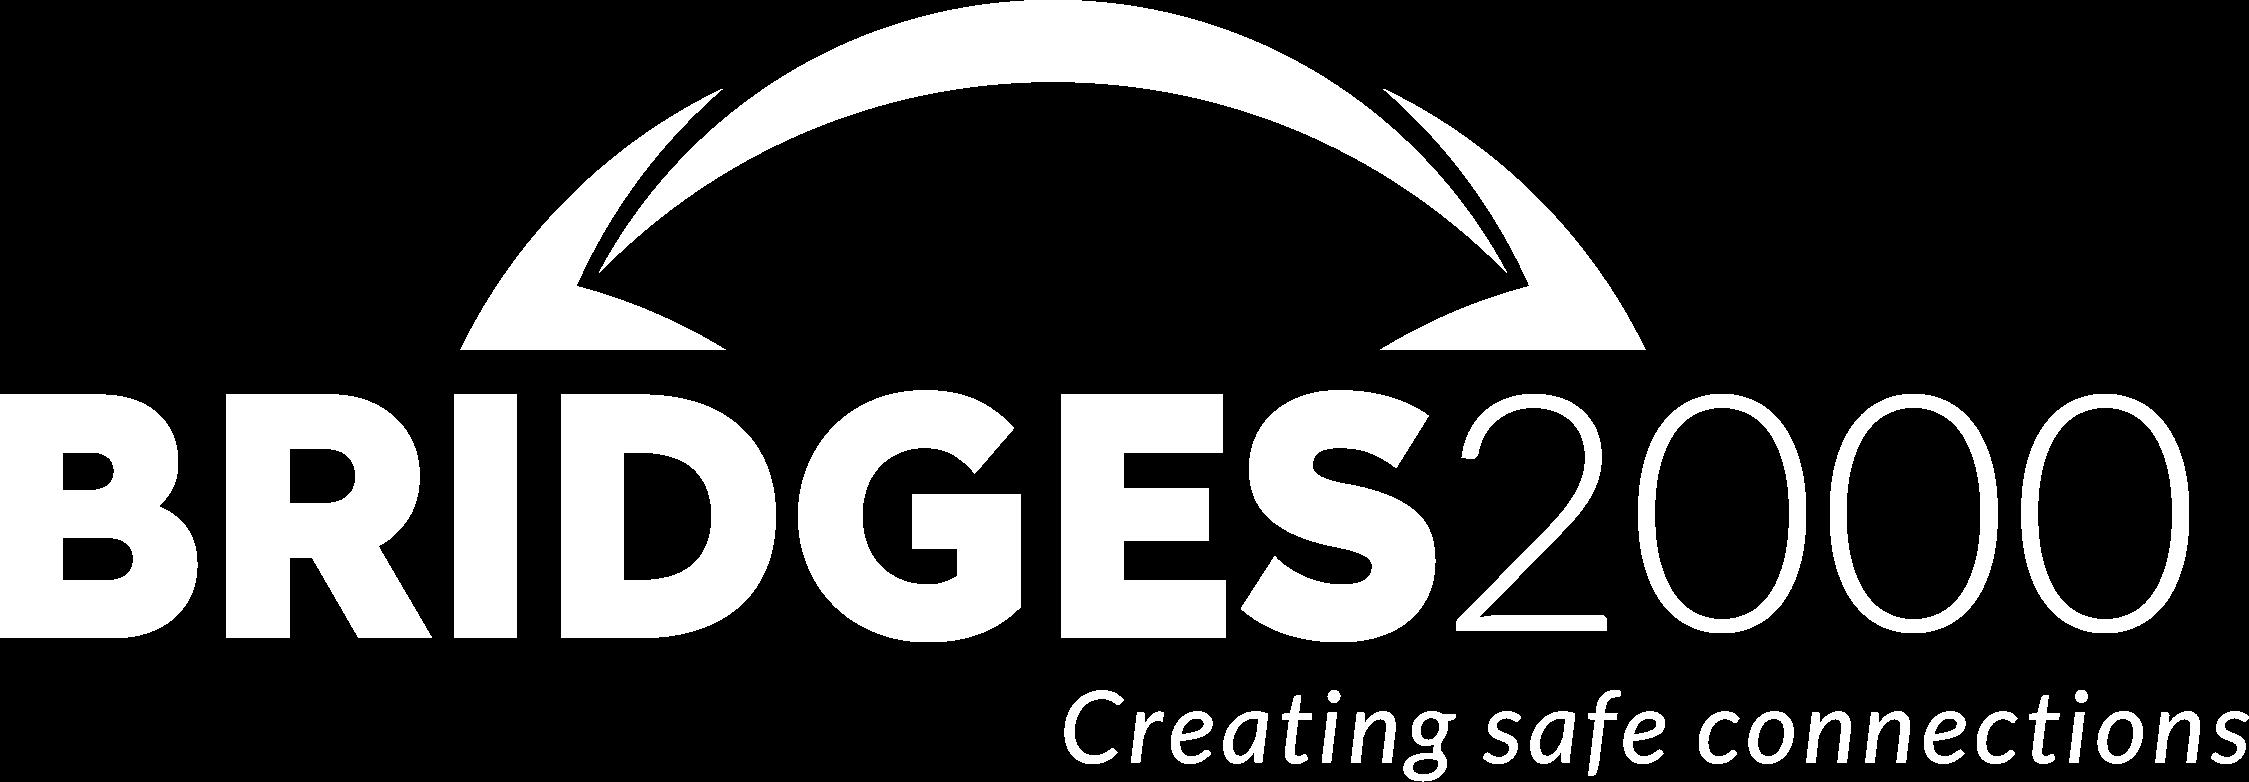 BRIDGES2000 logo white